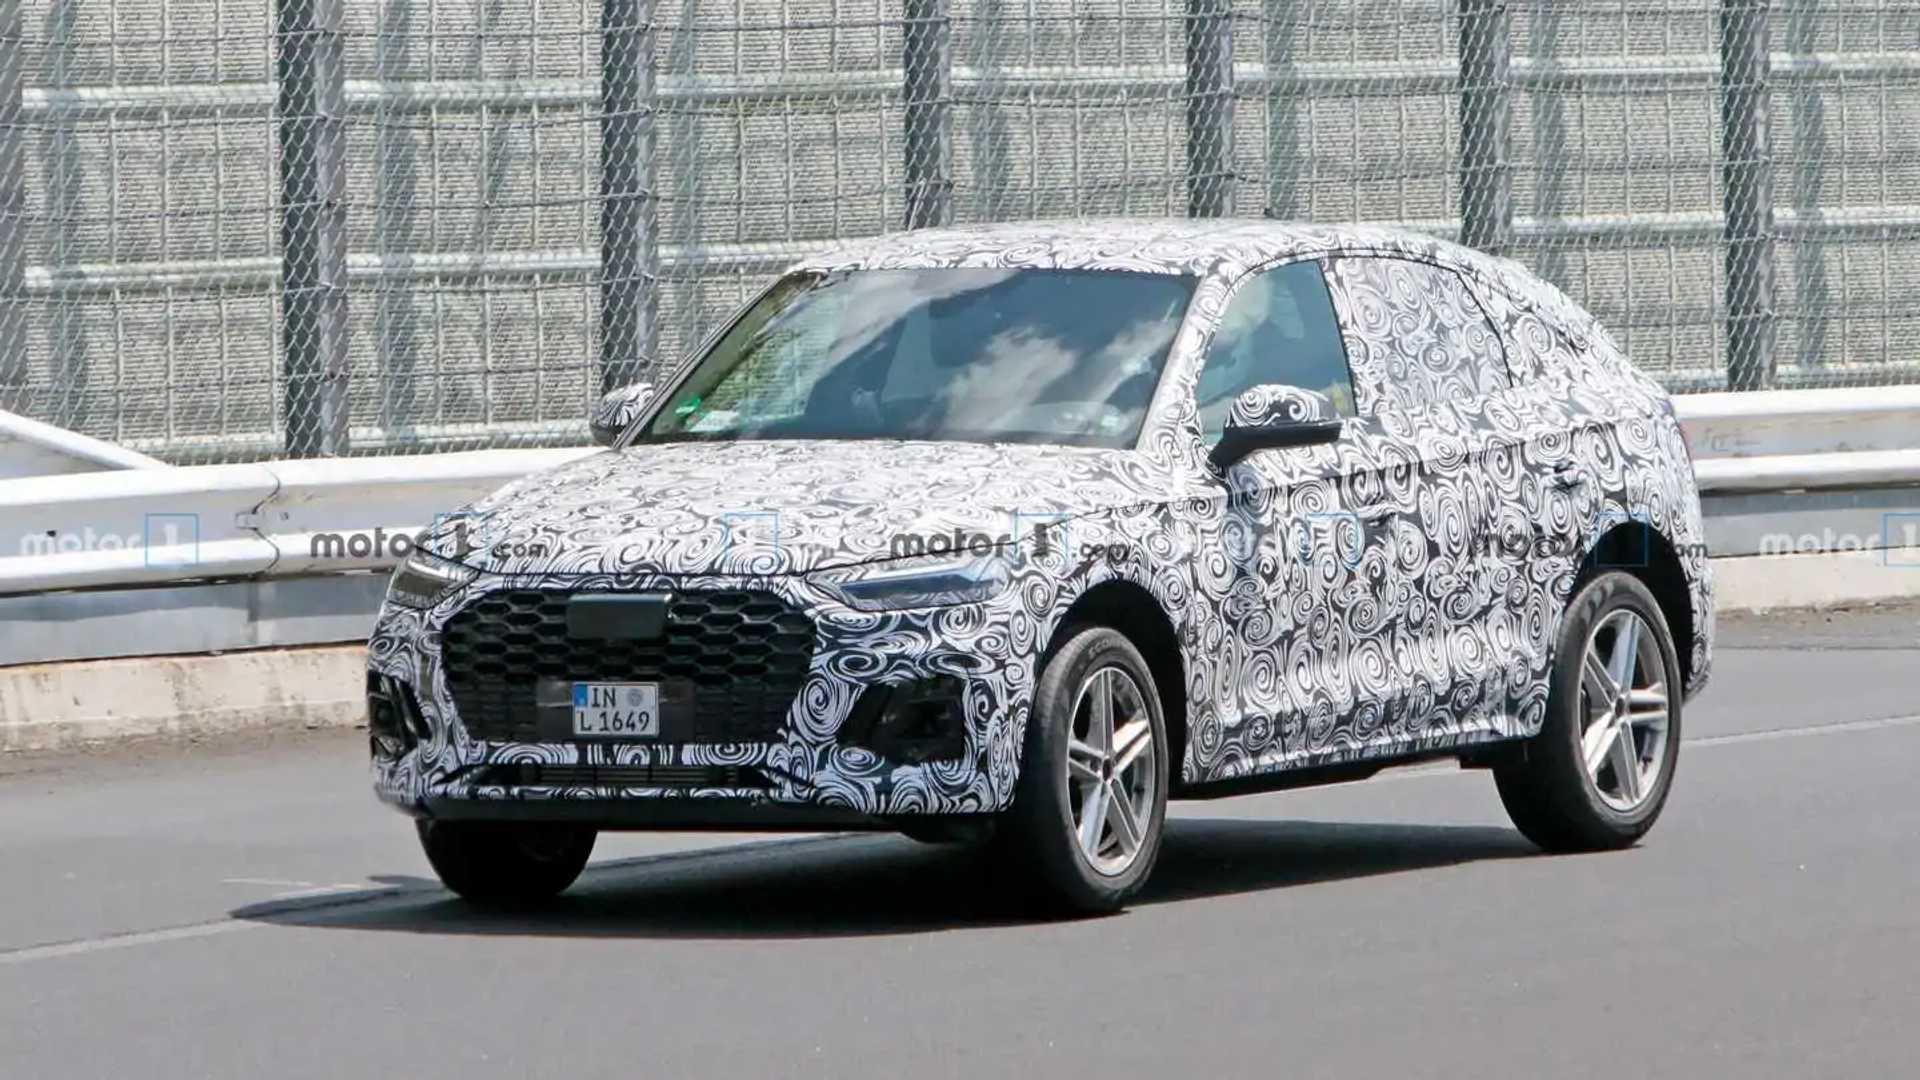 2020 - [Audi] Q5 Sportback - Page 7 2021-audi-q5-sportback-front-quarter-view-spy-photo